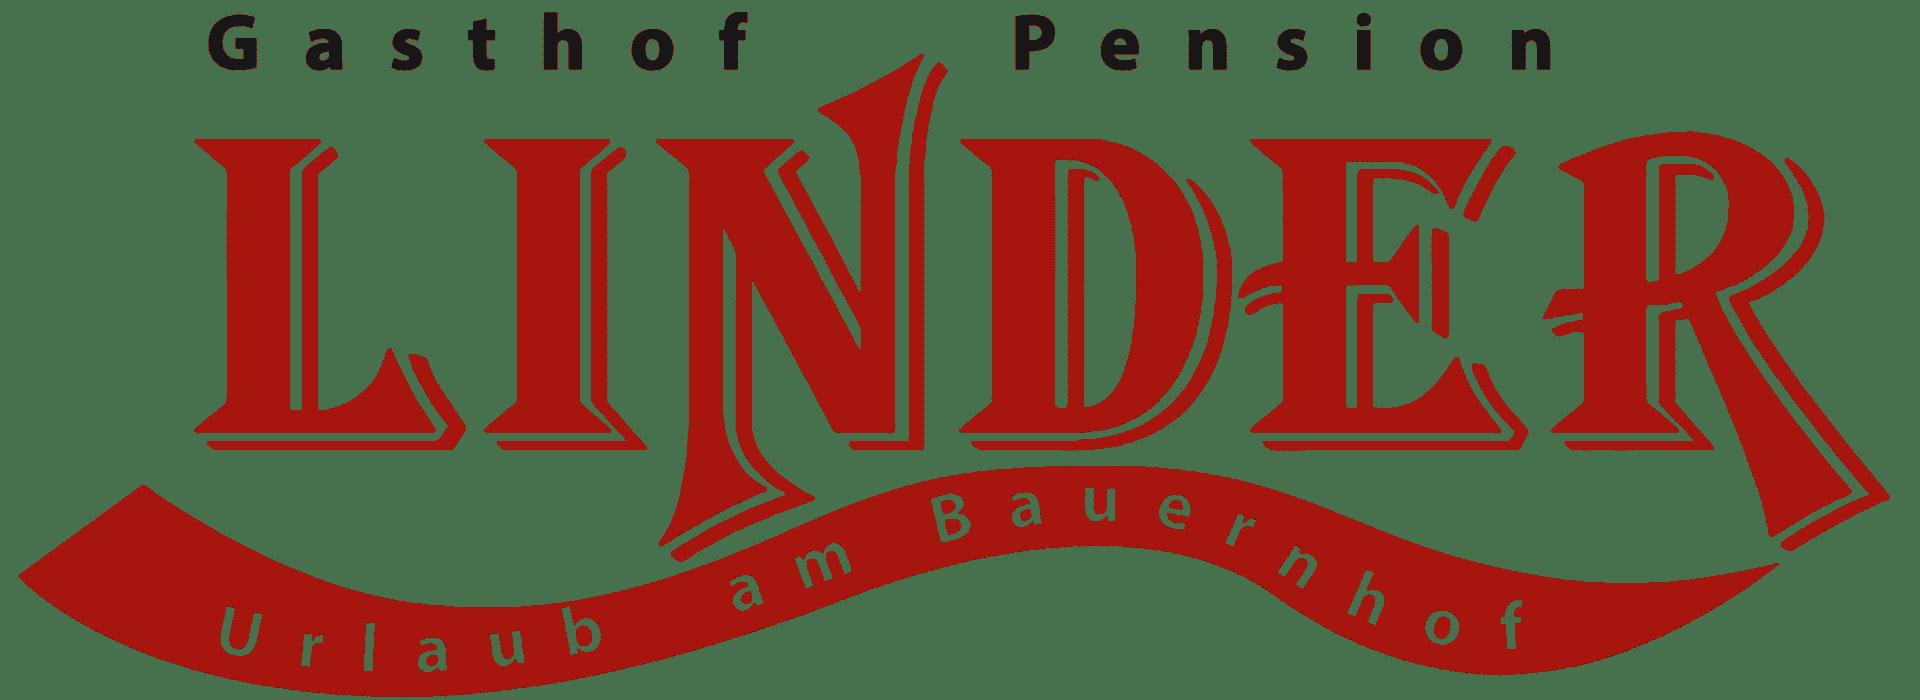 Gasthof Pension Linder